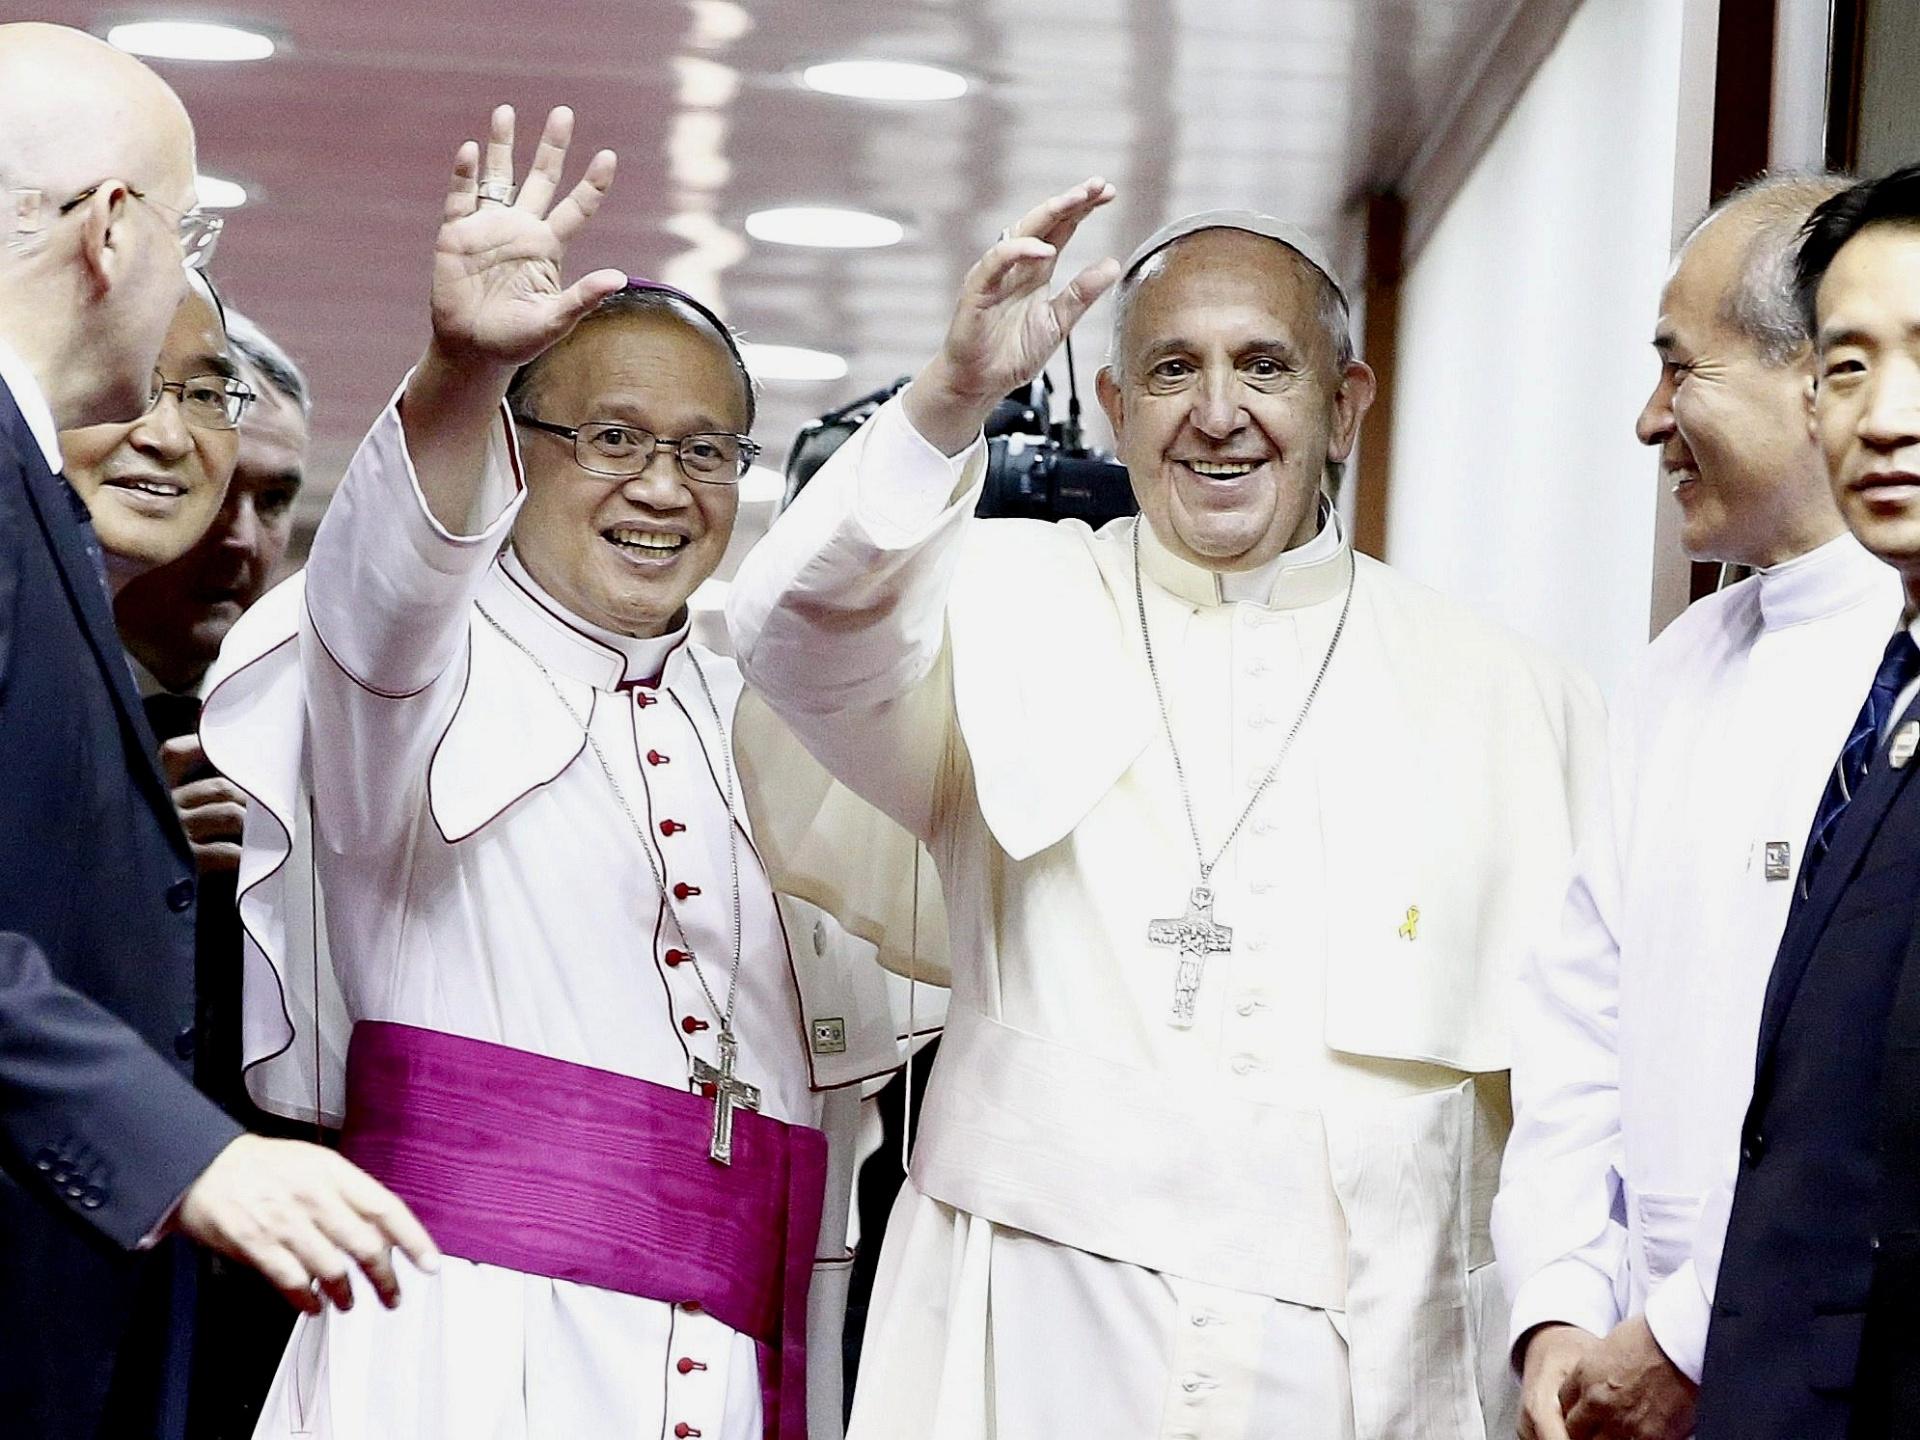 18.ago.2014 - O papa Francisco acena do aeroporto de Seul, em Seongnam City (Coreia do Sul), nesta segunda-feira (18), ao se despedir do país. Um avião fretado da Korean Air levará Francisco e sua comitiva de volta a Roma, após visita de cinco dias à Coreia do Sul